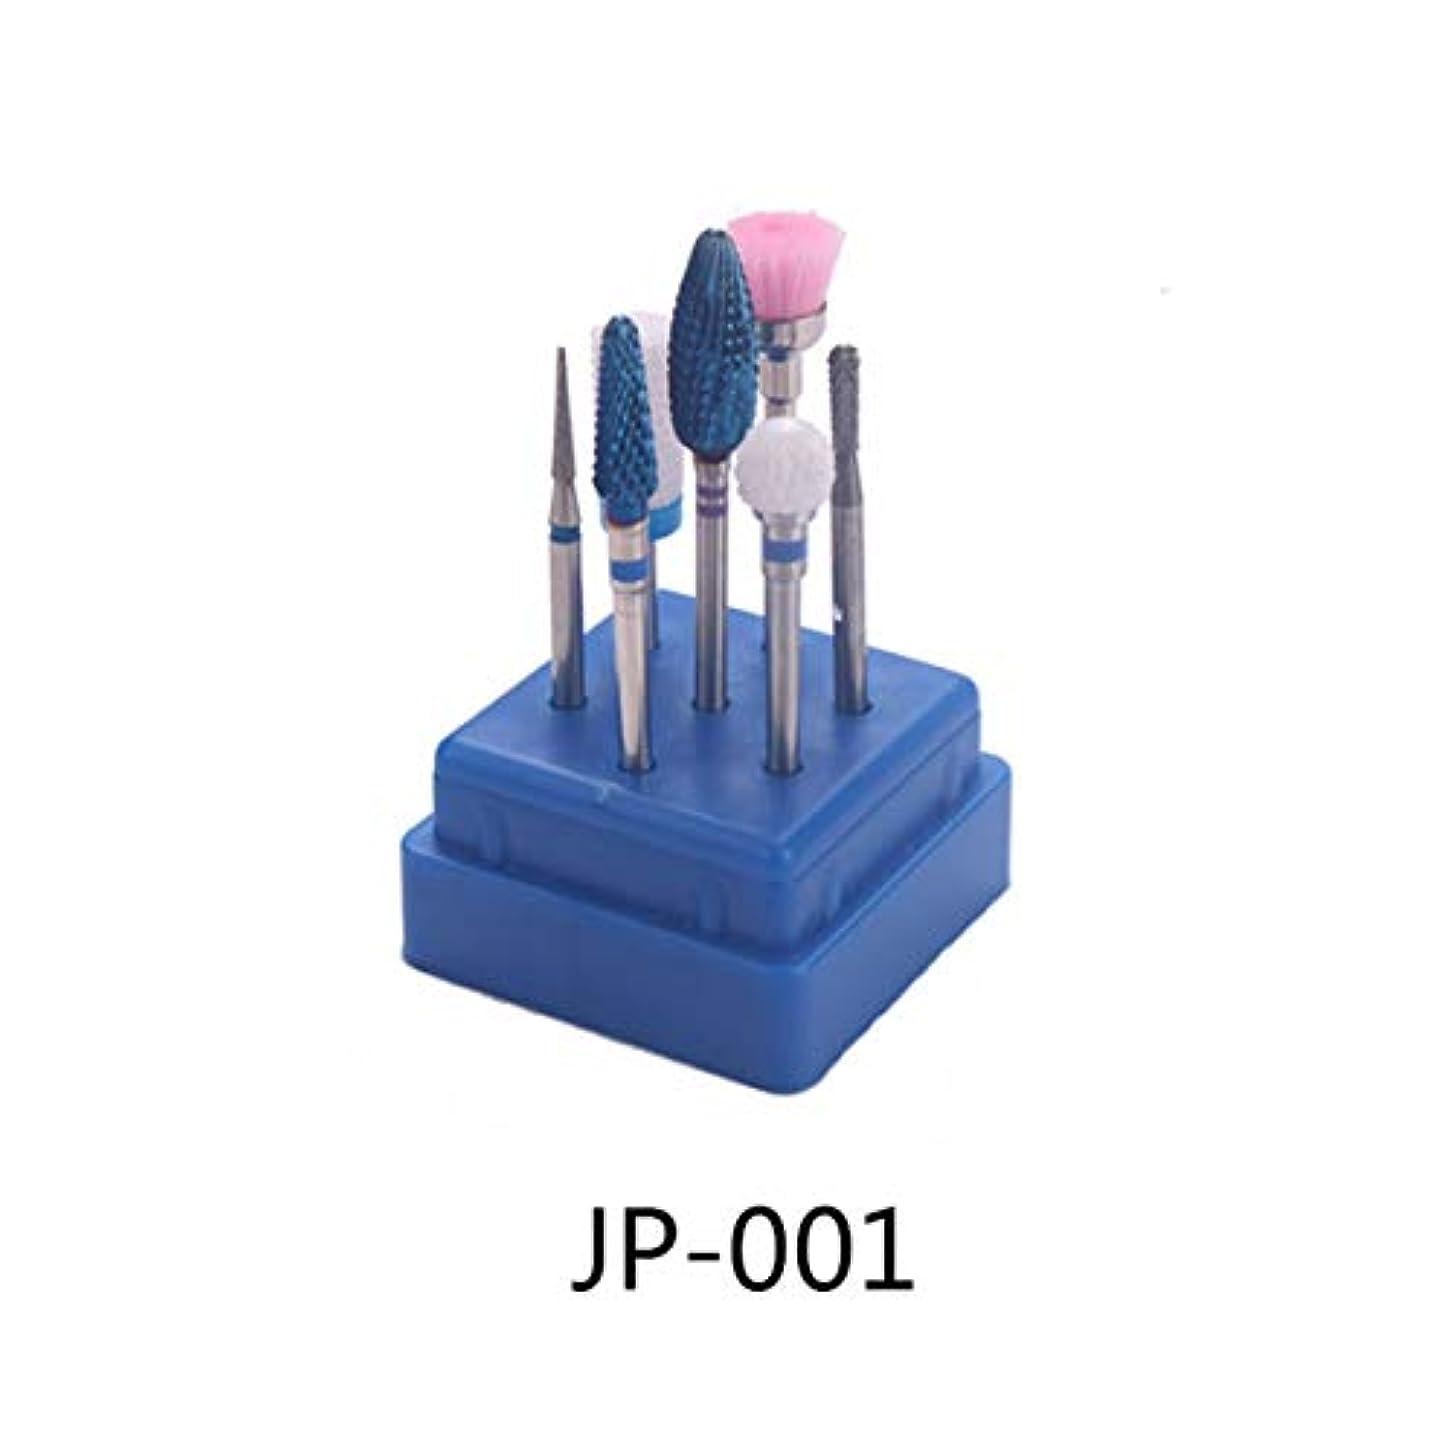 フラップコテージモルヒネ7PCS /設定するネイルドリルビットキューティクルクリーナータングステン鋼ロータリー研磨ファイル研削ヘッドマニキュアペディキュア回転電機,1